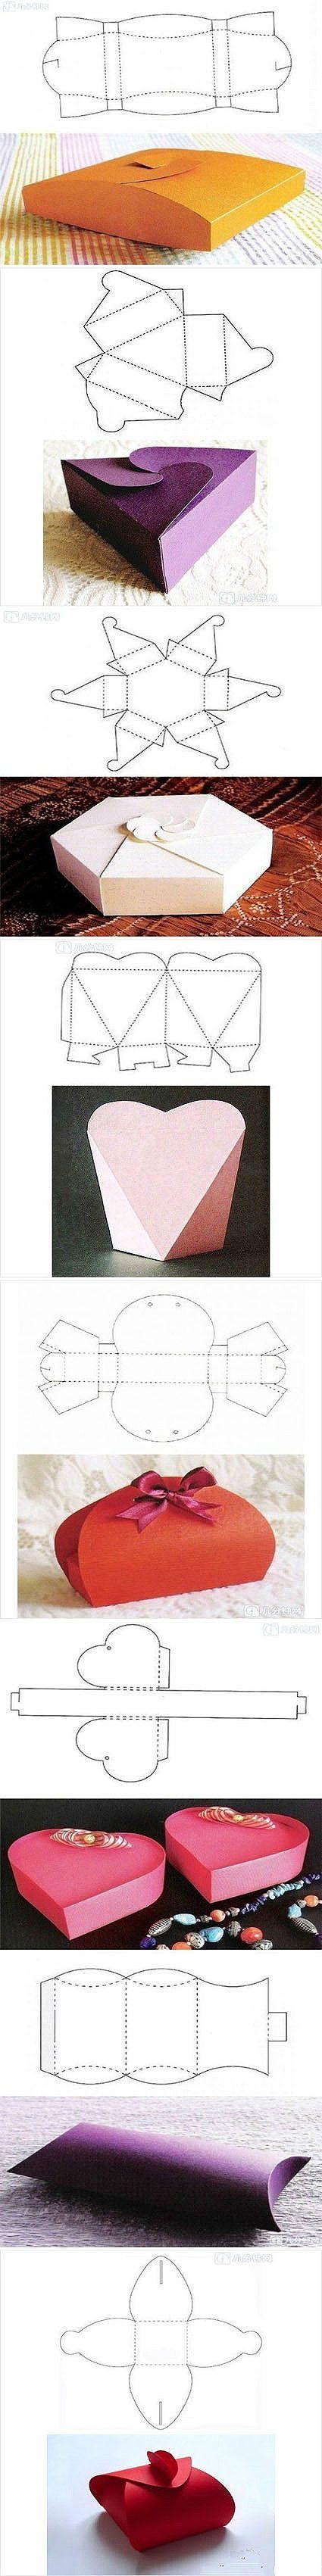 Из бумаги подарочные упаковки своими руками